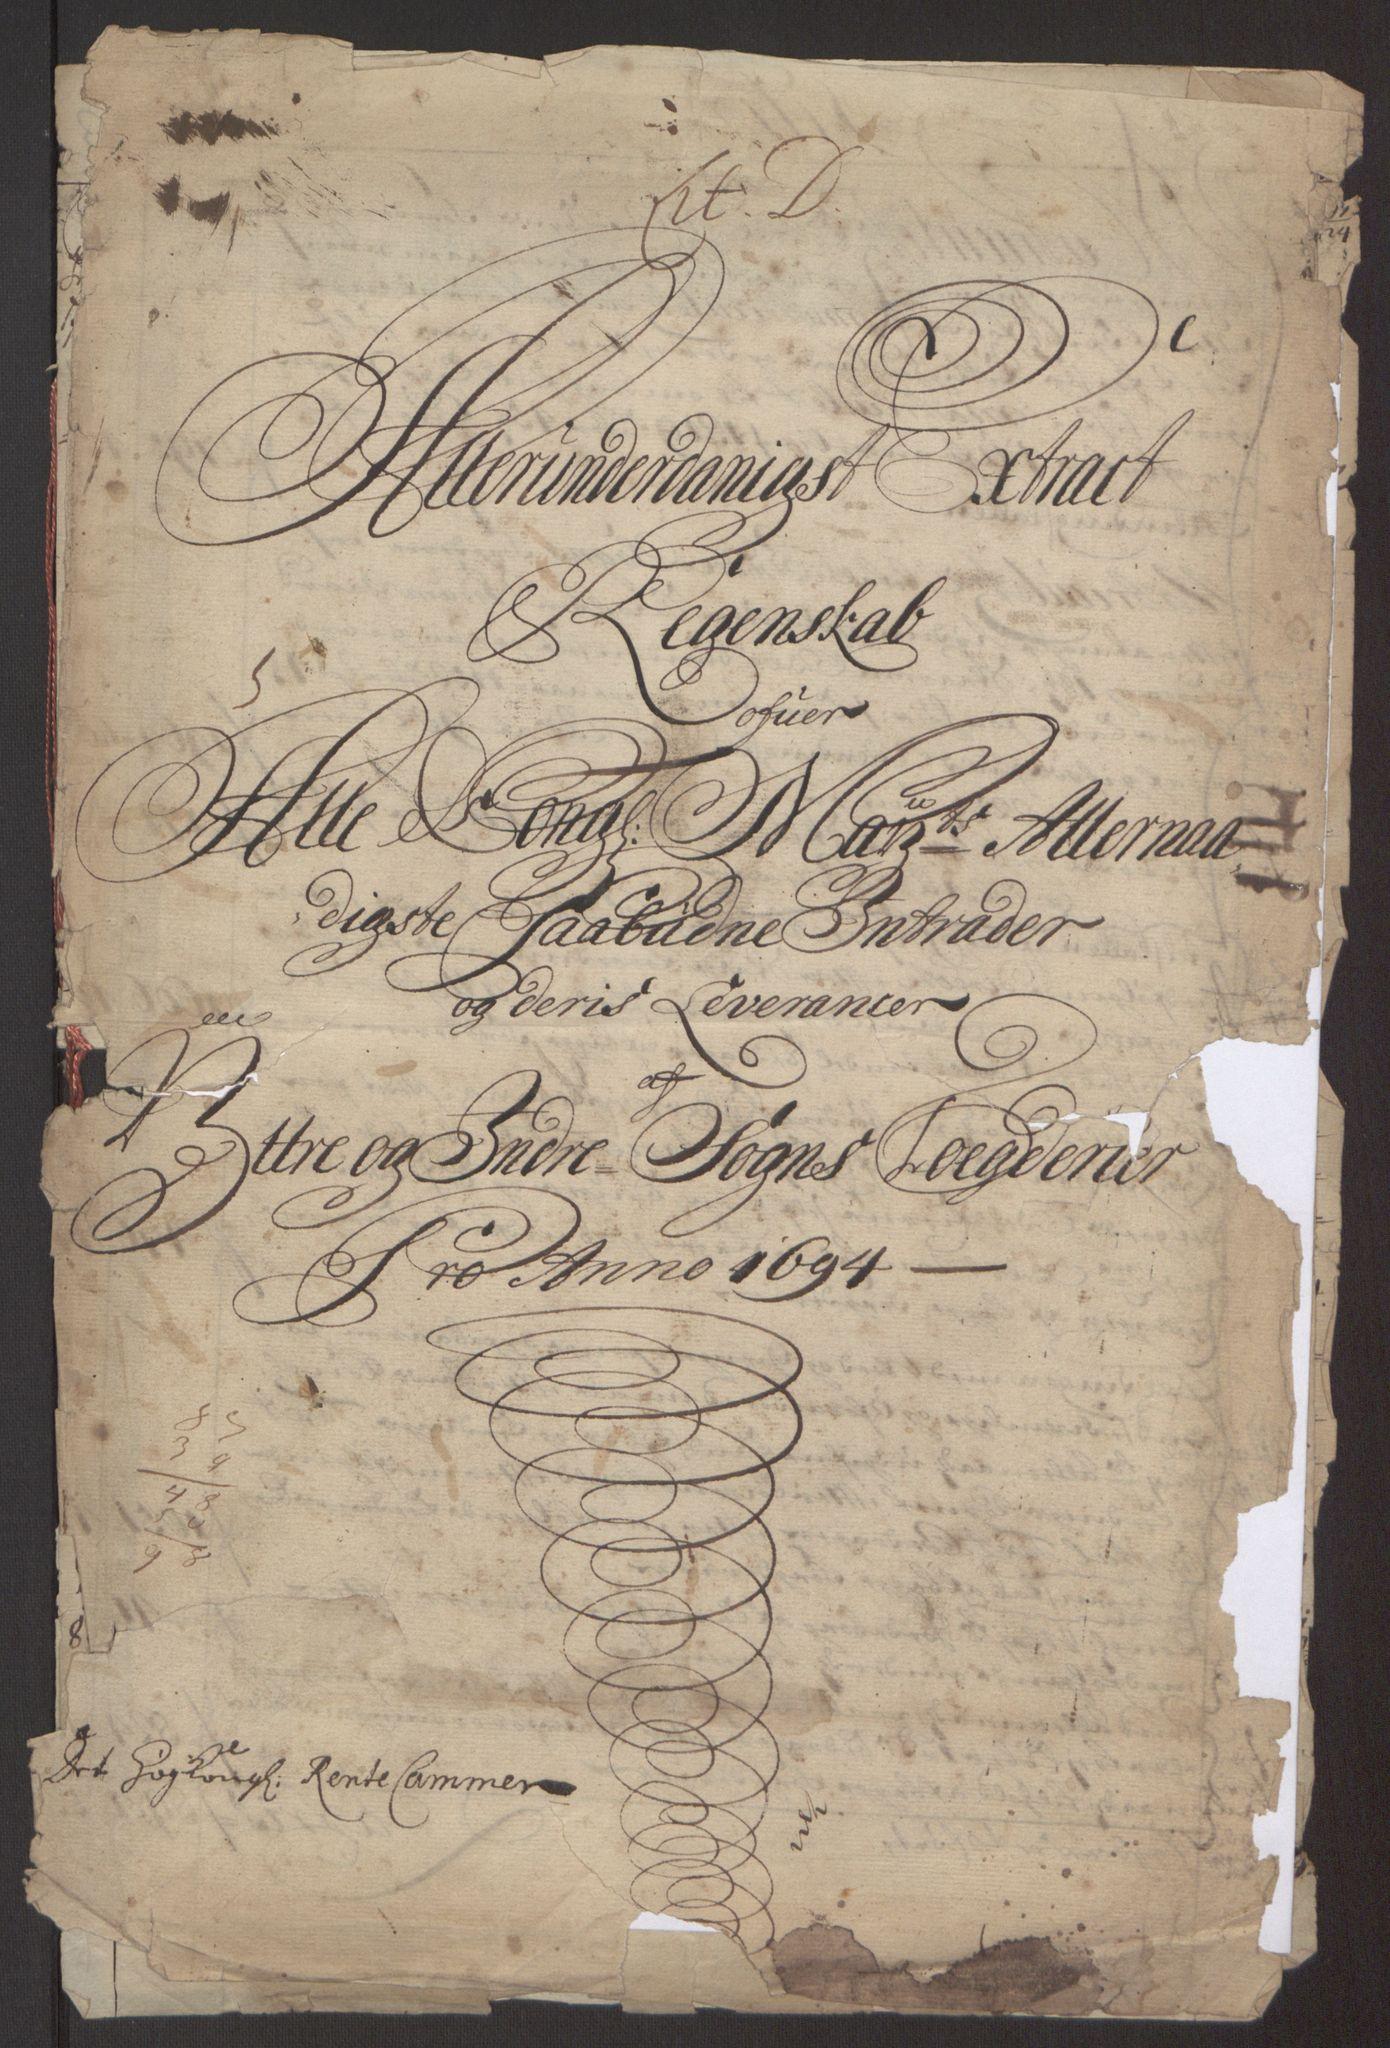 RA, Rentekammeret inntil 1814, Reviderte regnskaper, Fogderegnskap, R52/L3307: Fogderegnskap Sogn, 1693-1694, s. 265